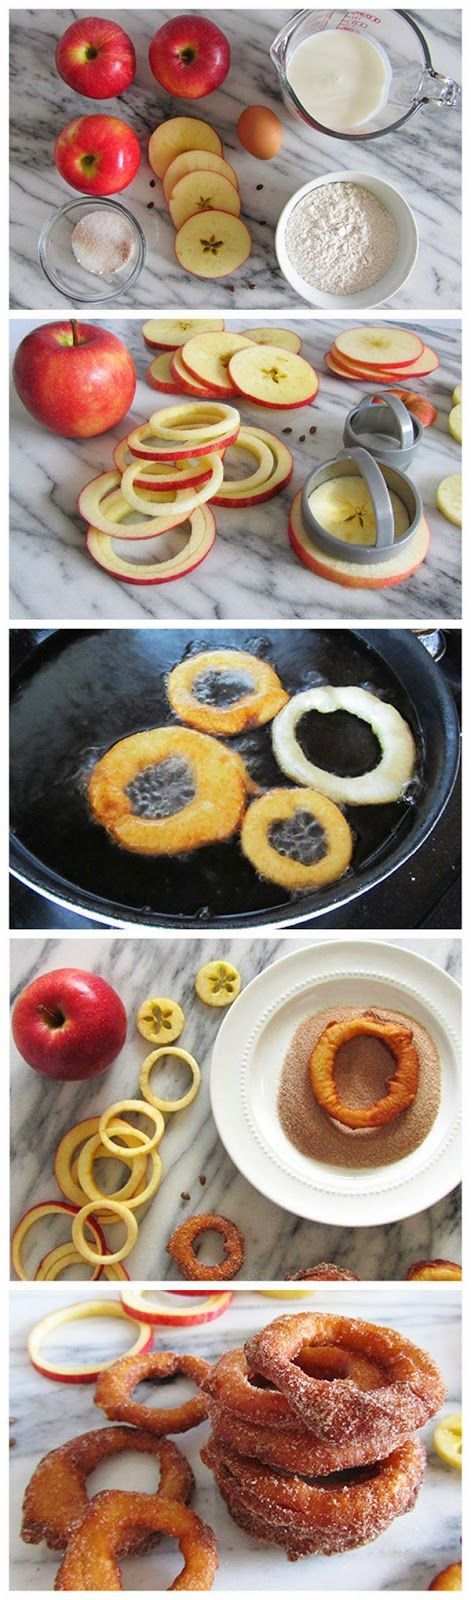 Aros de manzana